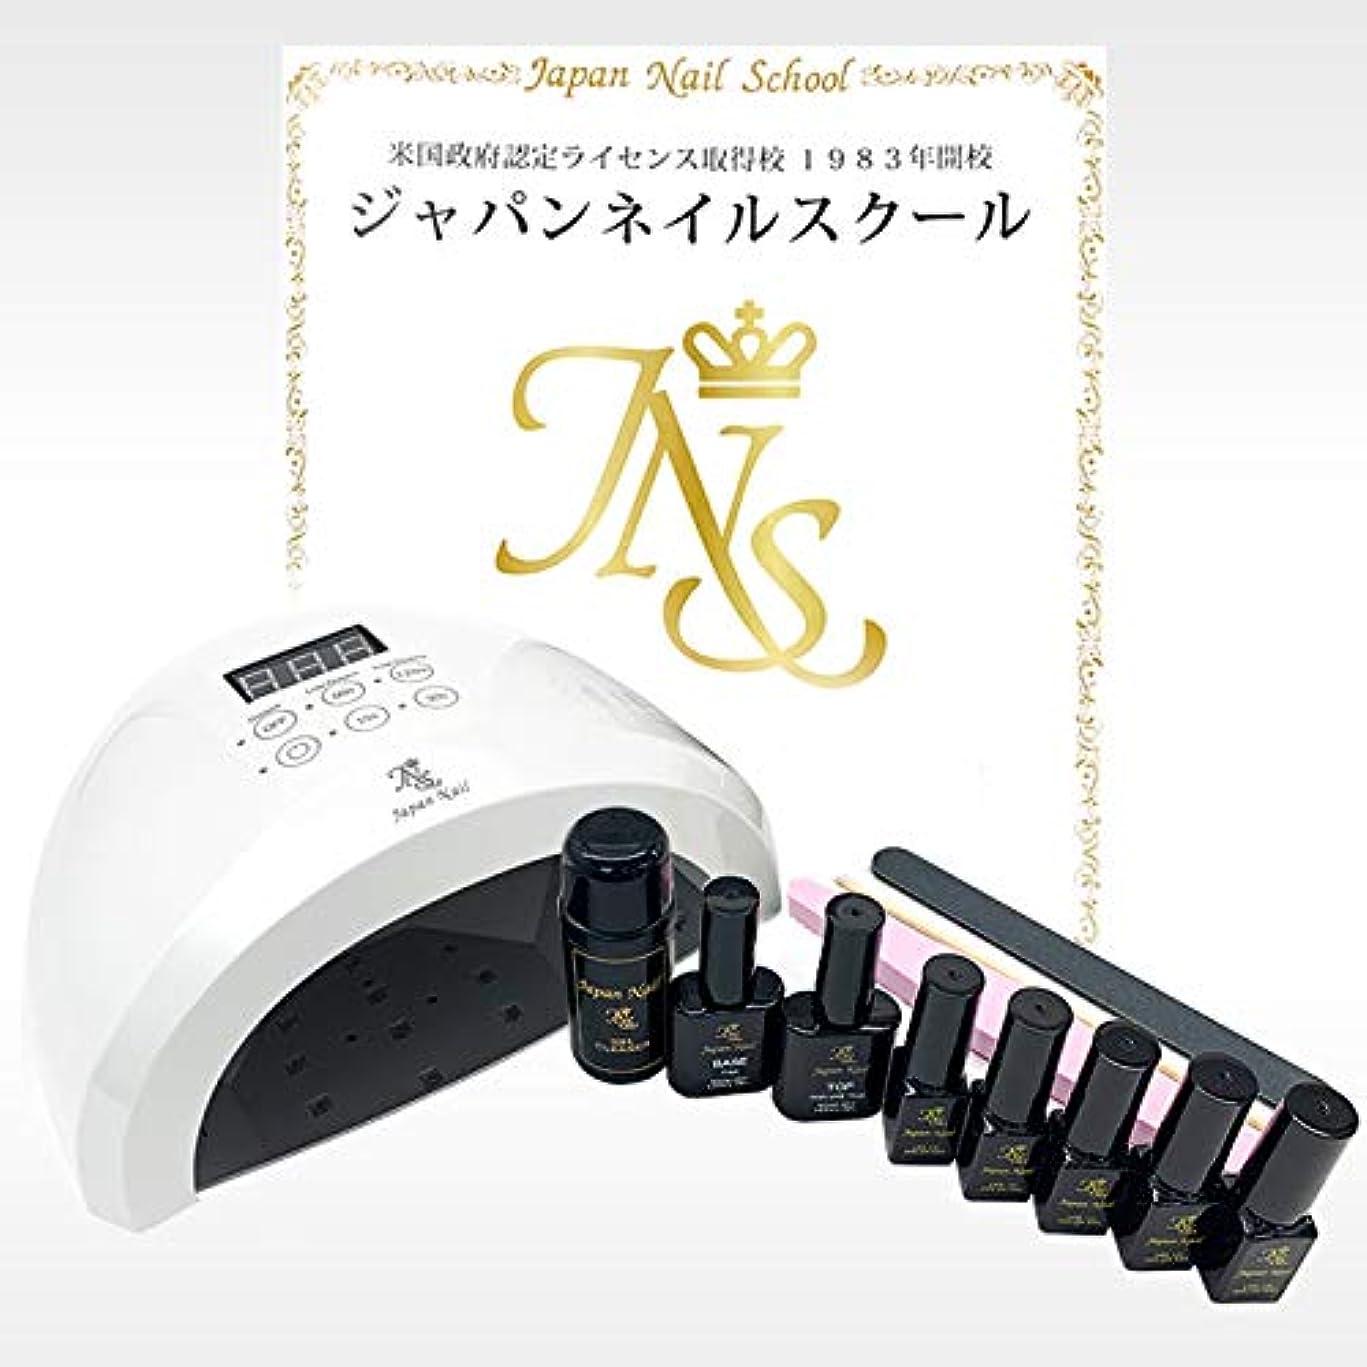 手綱薄い手日本製多機能LEDライト付属ジェルネイルキットn2世界初!弱爪?傷爪でもジェルネイルが楽しめる2つのローダウン機能搭載!初心者も安心の5年間サポート付